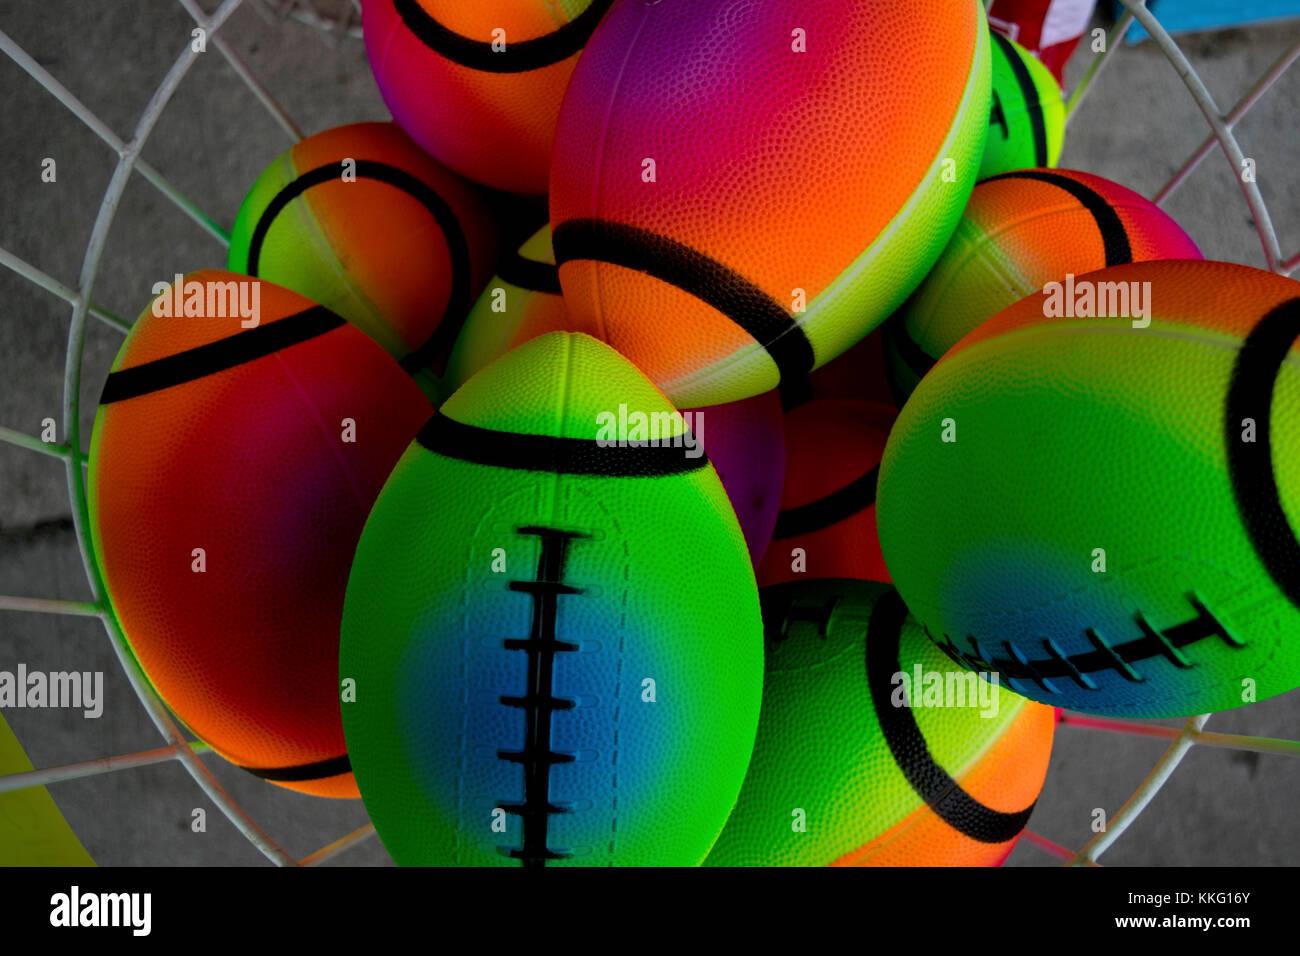 Petits ballons colorés Banque D'Images